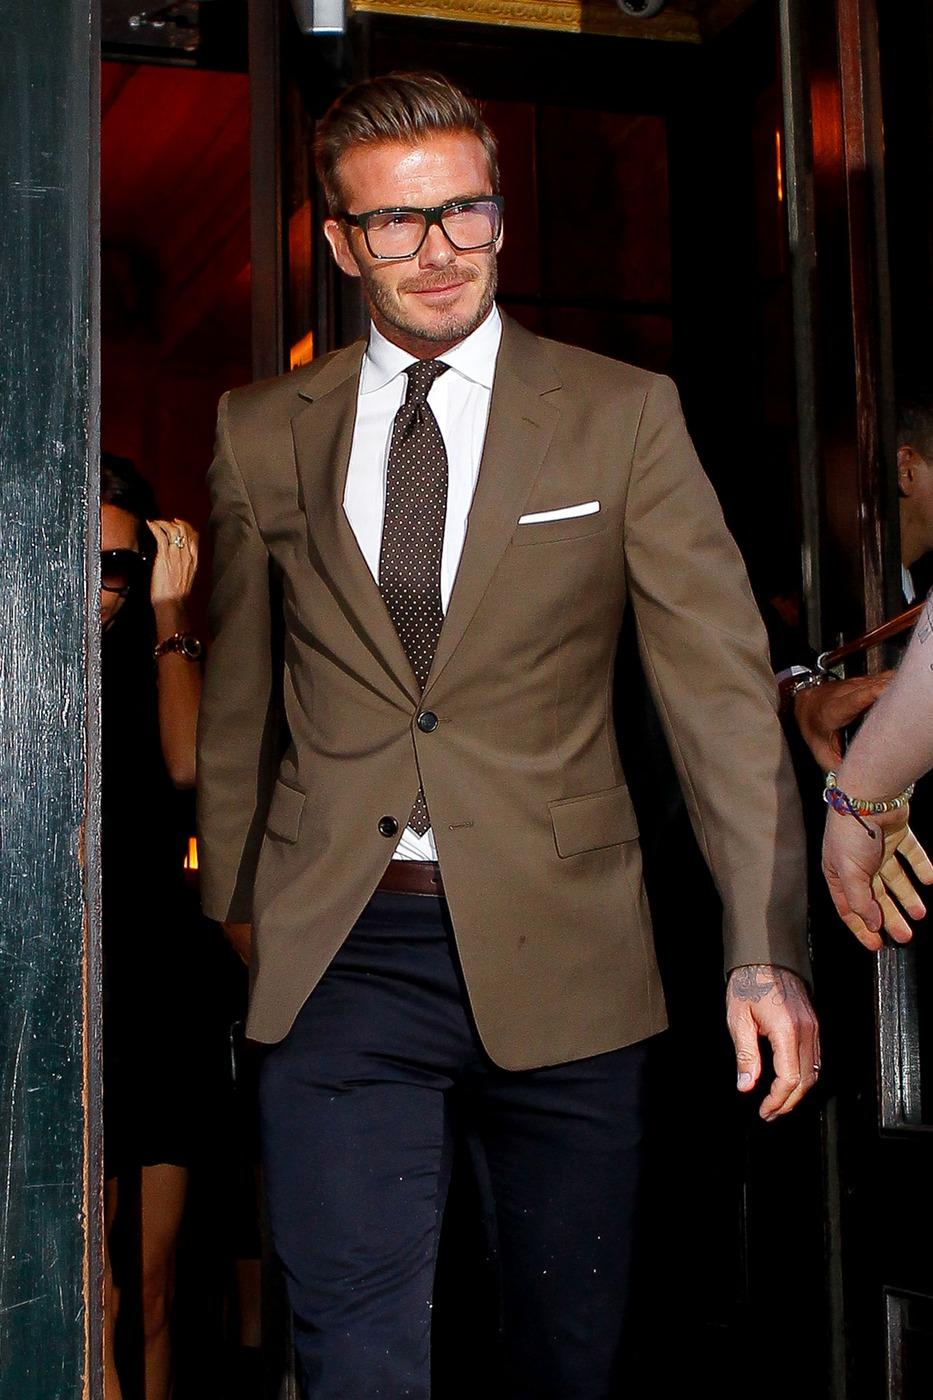 2# David Beckham. Unanimidade quando se fala em estilo e quase sempre quando se fala em futebol. Um jogador que, às vezes, é considerado mais badalado do que o merecido, merece todos os elogios pelo bom gosto com as roupas. Deixando de lado o estilo cafona e extravagante dos ano 90, nos dias de hoje Beckham é um dos homens mais estilosos do esporte.